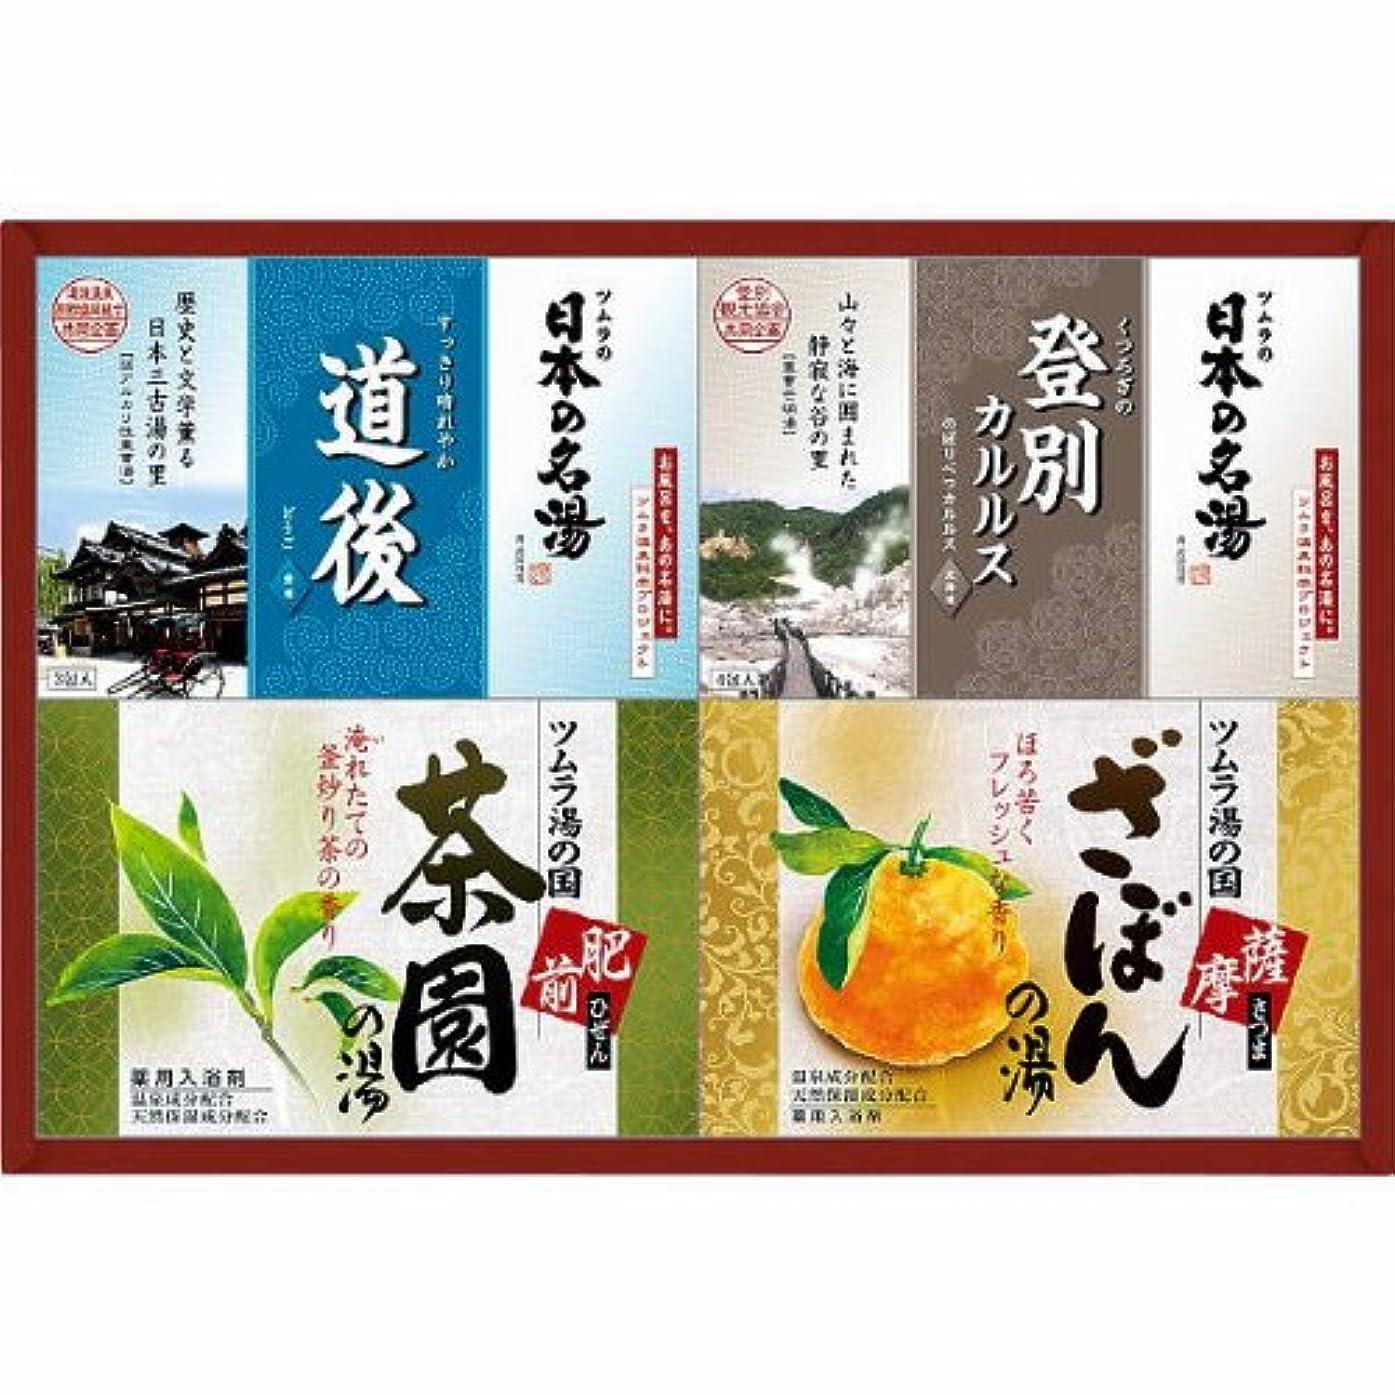 出発する豪華な別にツムラの名湯 湯の国ギフト(入浴剤?入浴料)